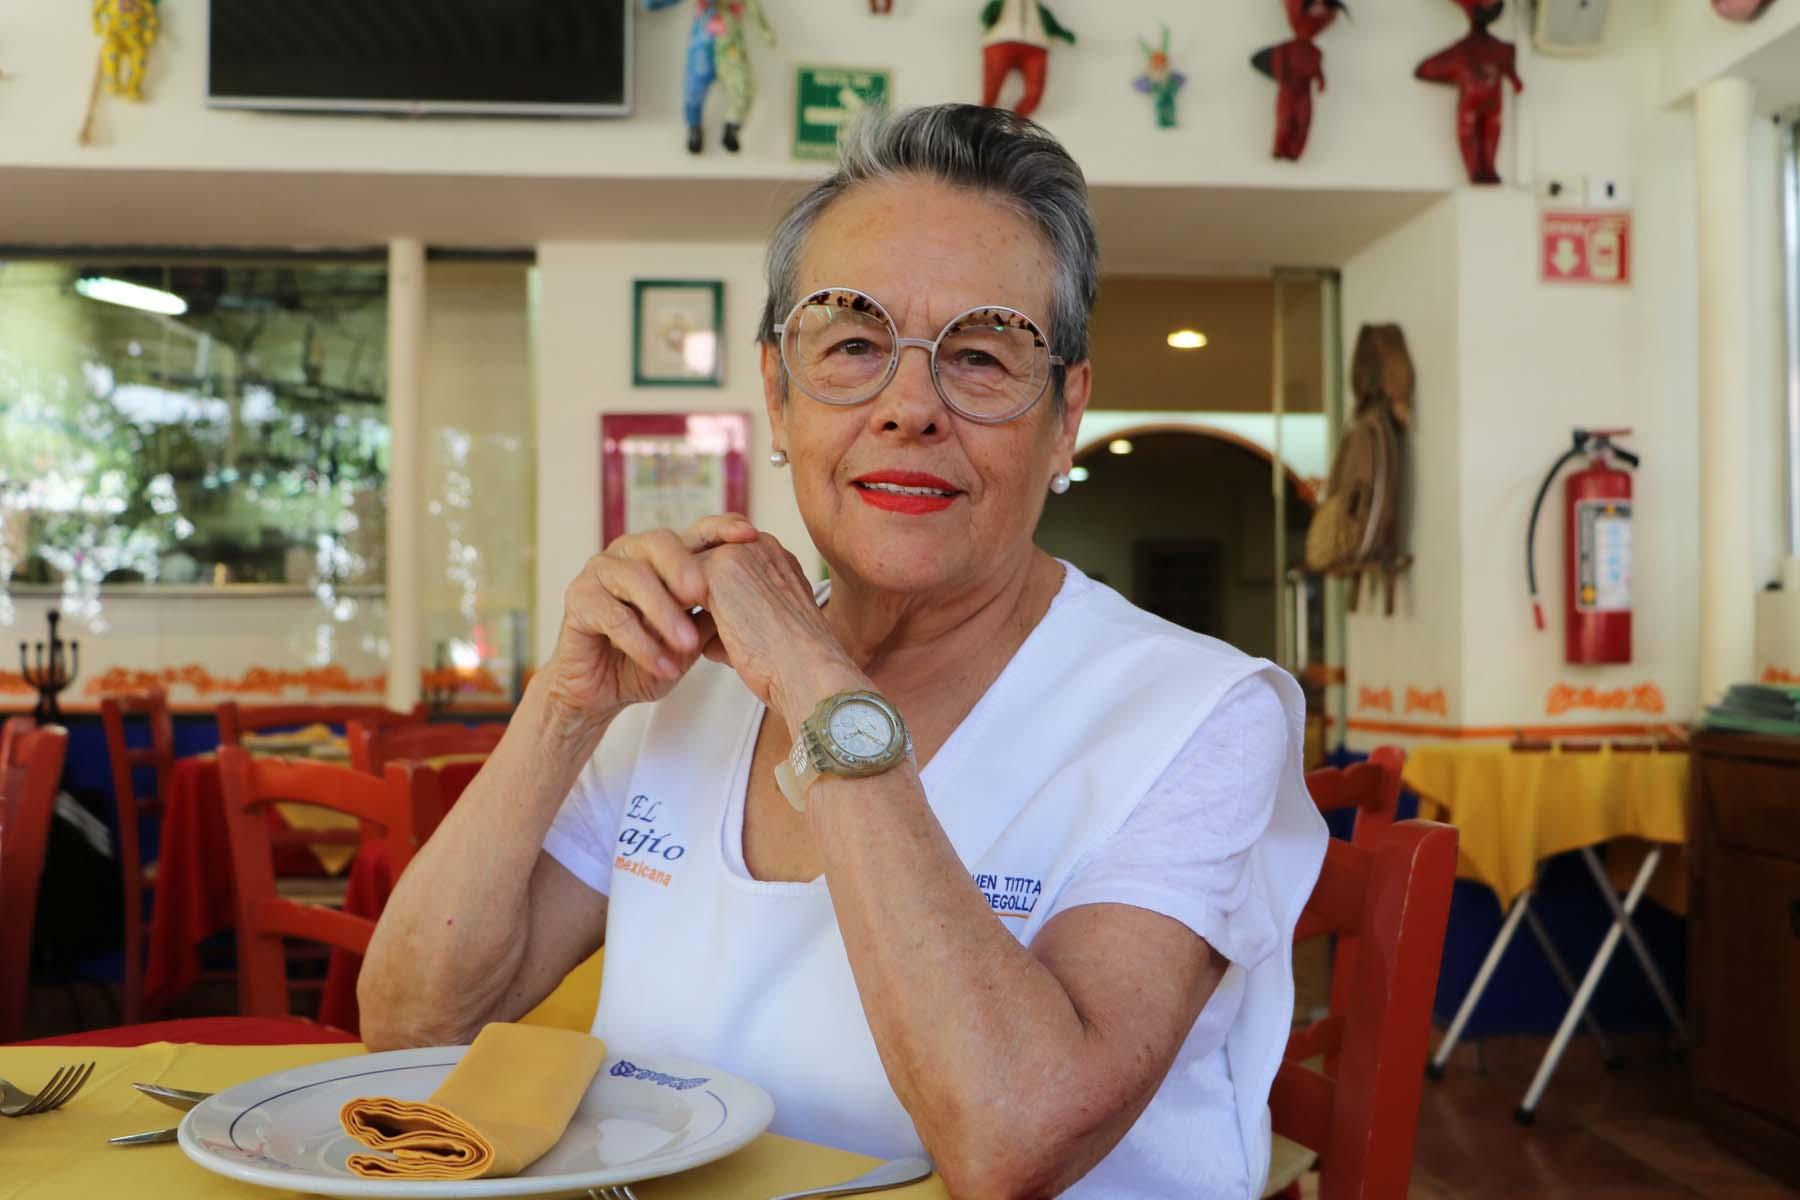 El Bajío, 45 años de cocinar con el corazón